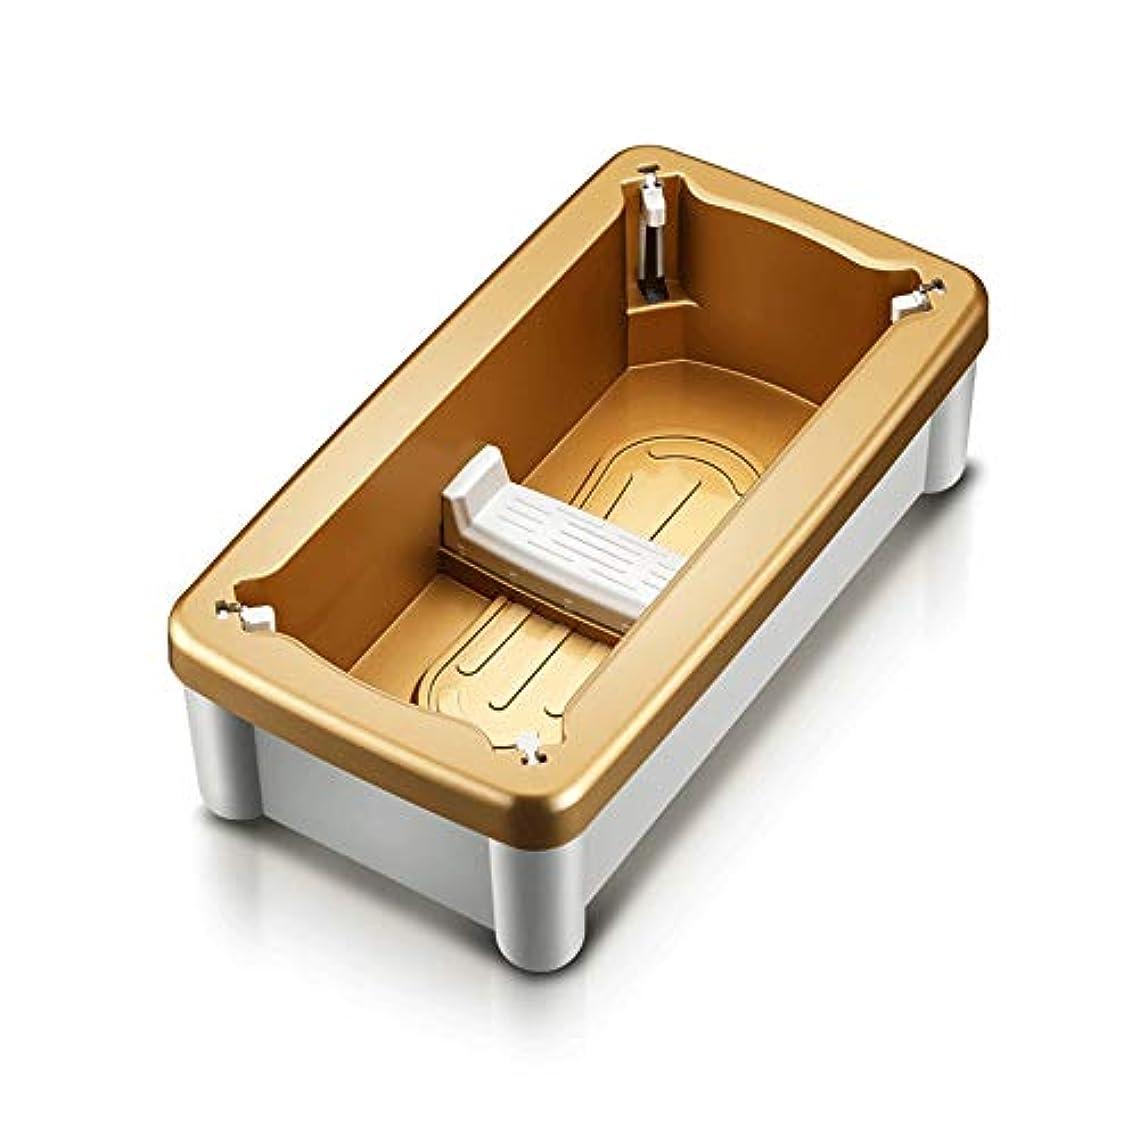 扇動拒絶する油靴カバーマシンホーム自動使い捨て靴マシンオフィス足型機スマートフットカバー変更靴カオスを避けるために (Color : Gold)